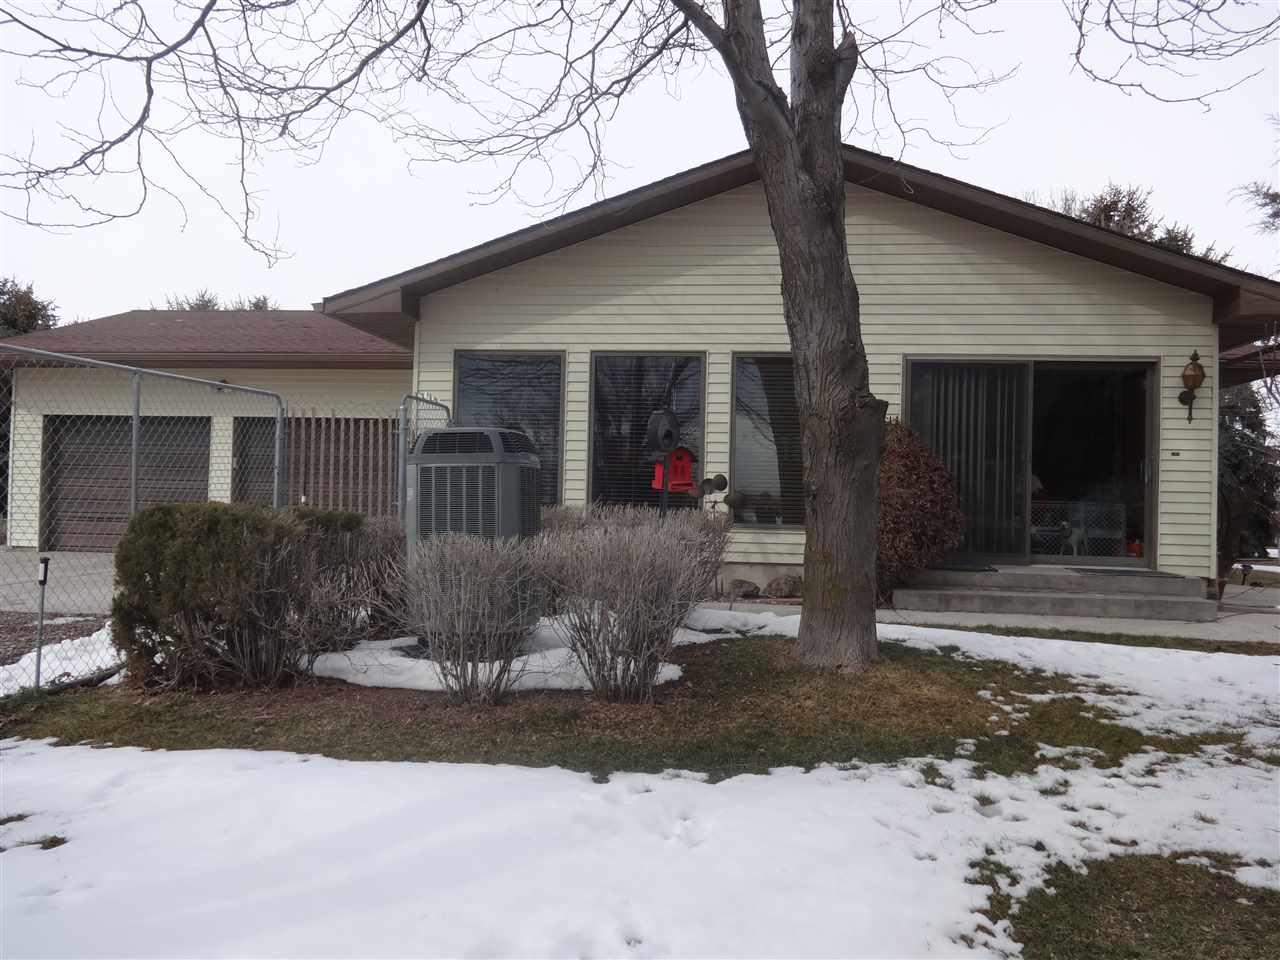 Casa Unifamiliar por un Venta en 92 S 1050 W. Paul, Idaho 83347